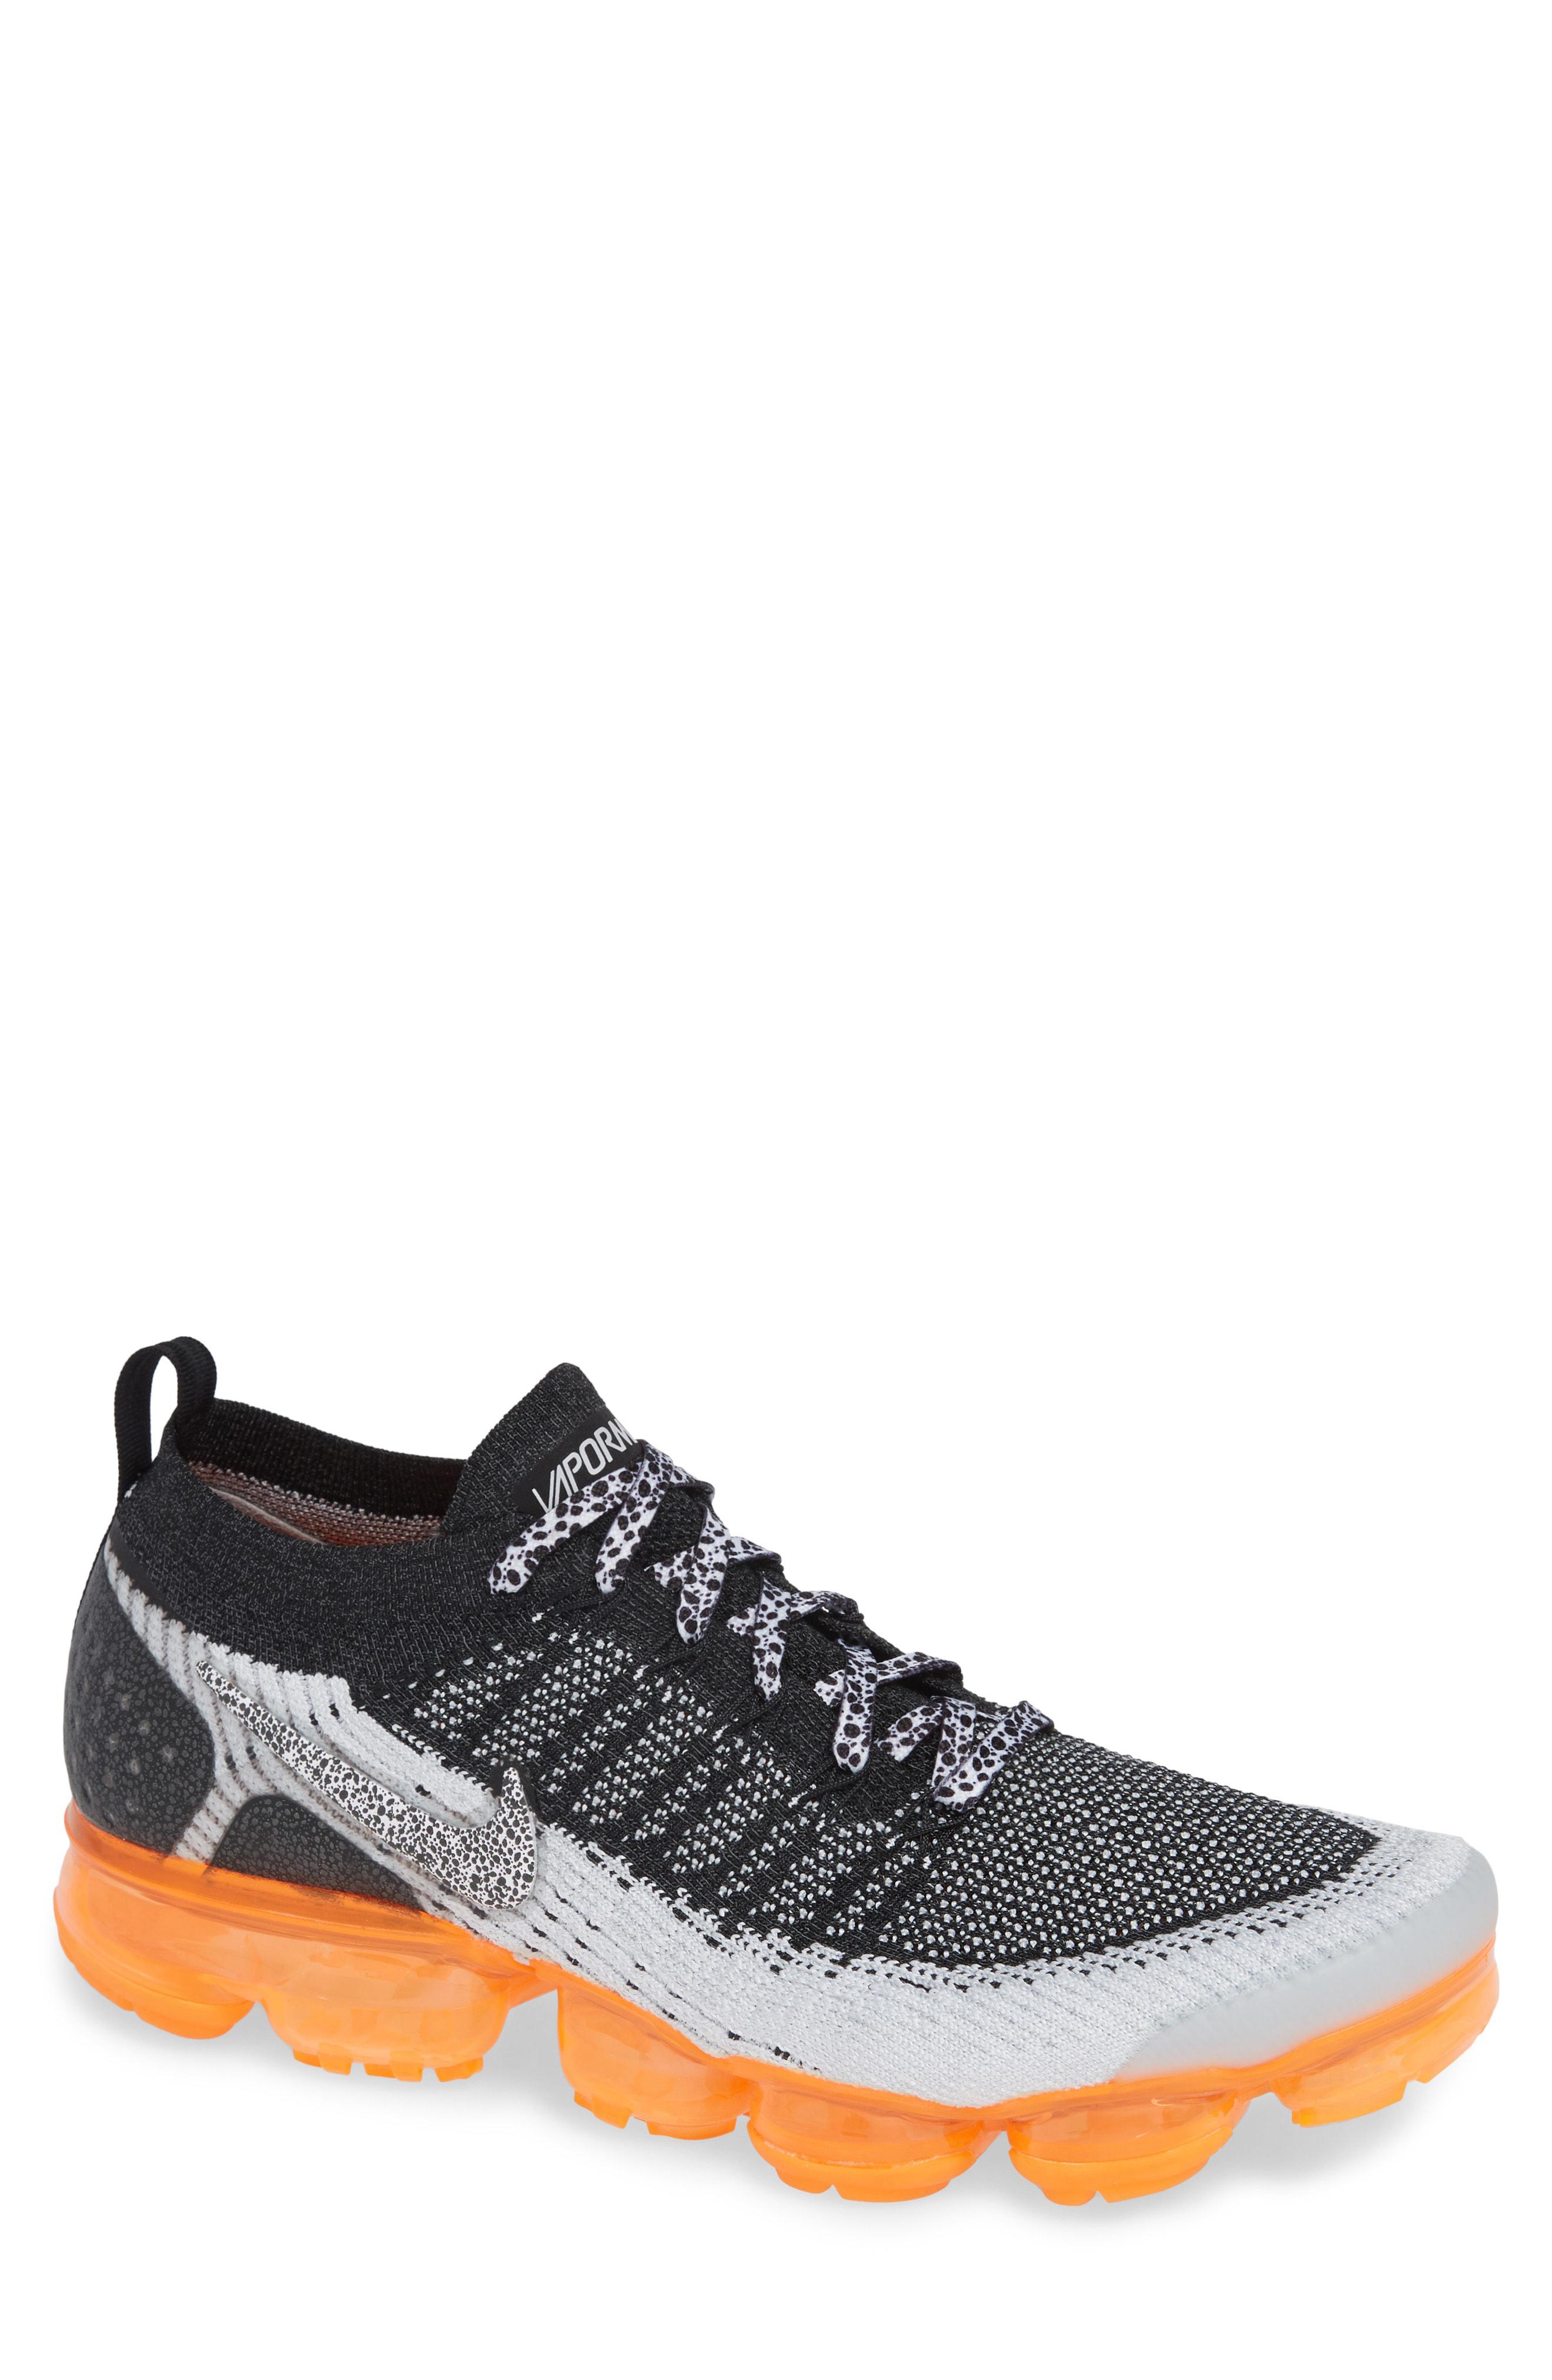 f679304d54628 Nike Men s Air Vapormax Flyknit 2 Running Shoes